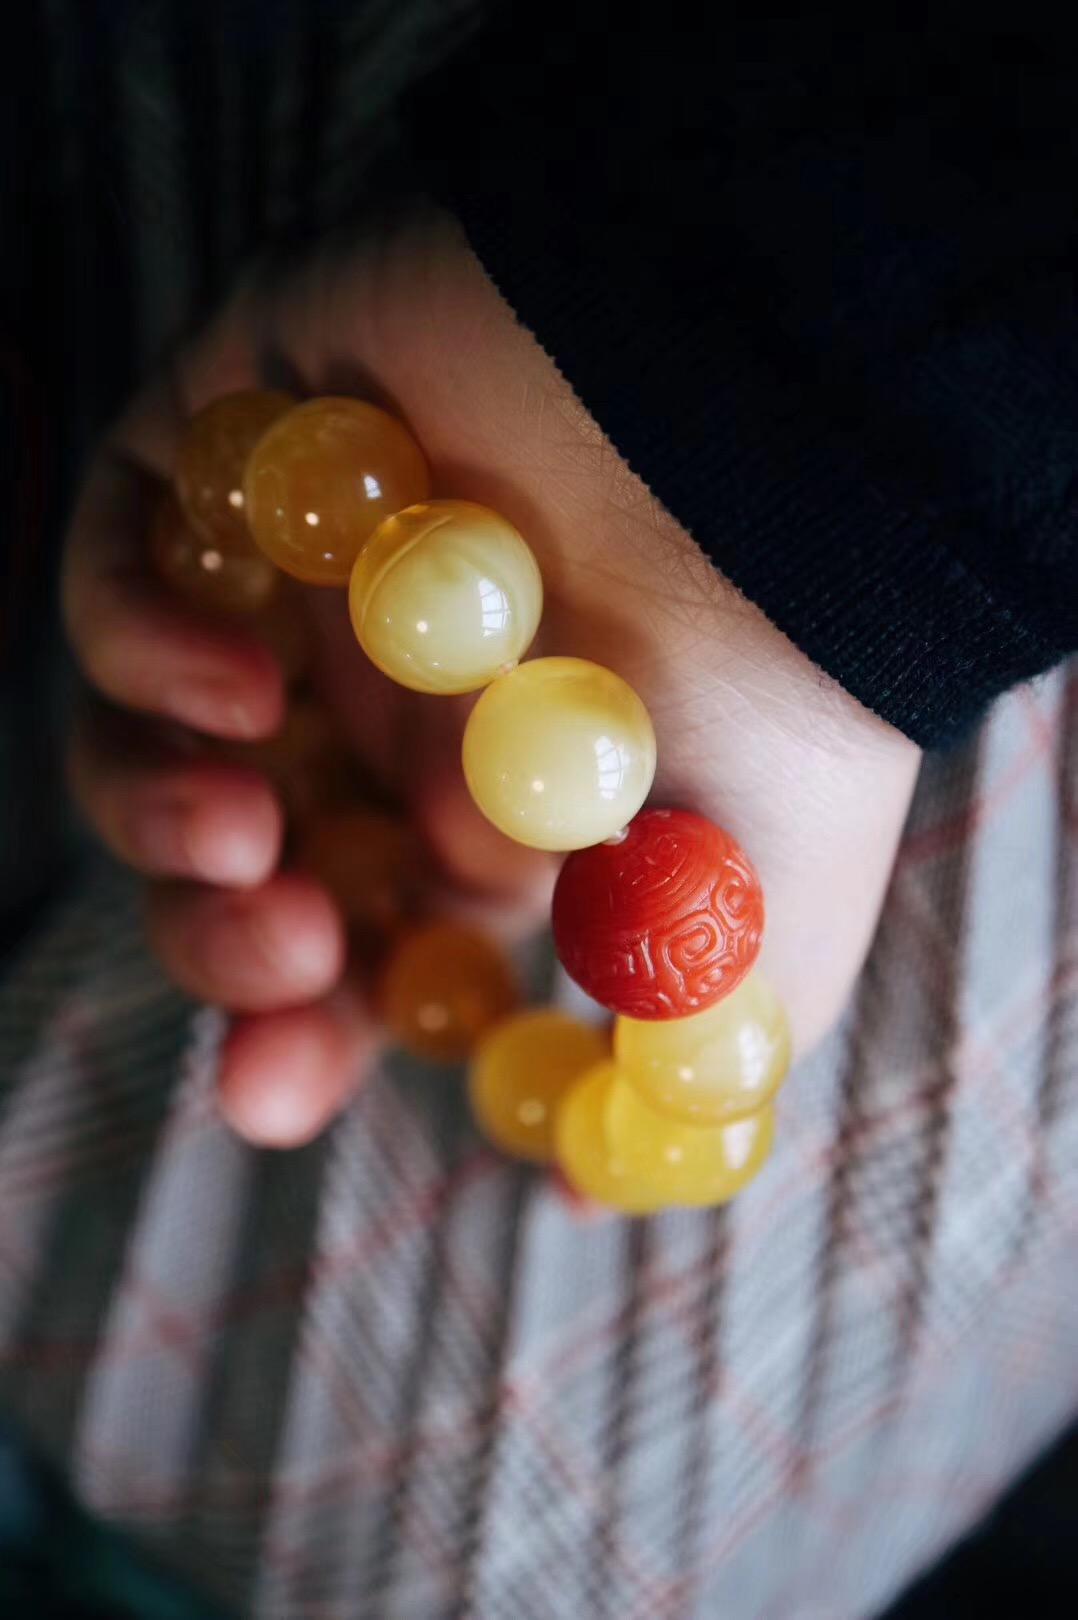 【菩心-蜜蜡、南红玛瑙】蜜蜡搭配顶级保山南红回纹珠,转运、养胃、安神。-菩心晶舍